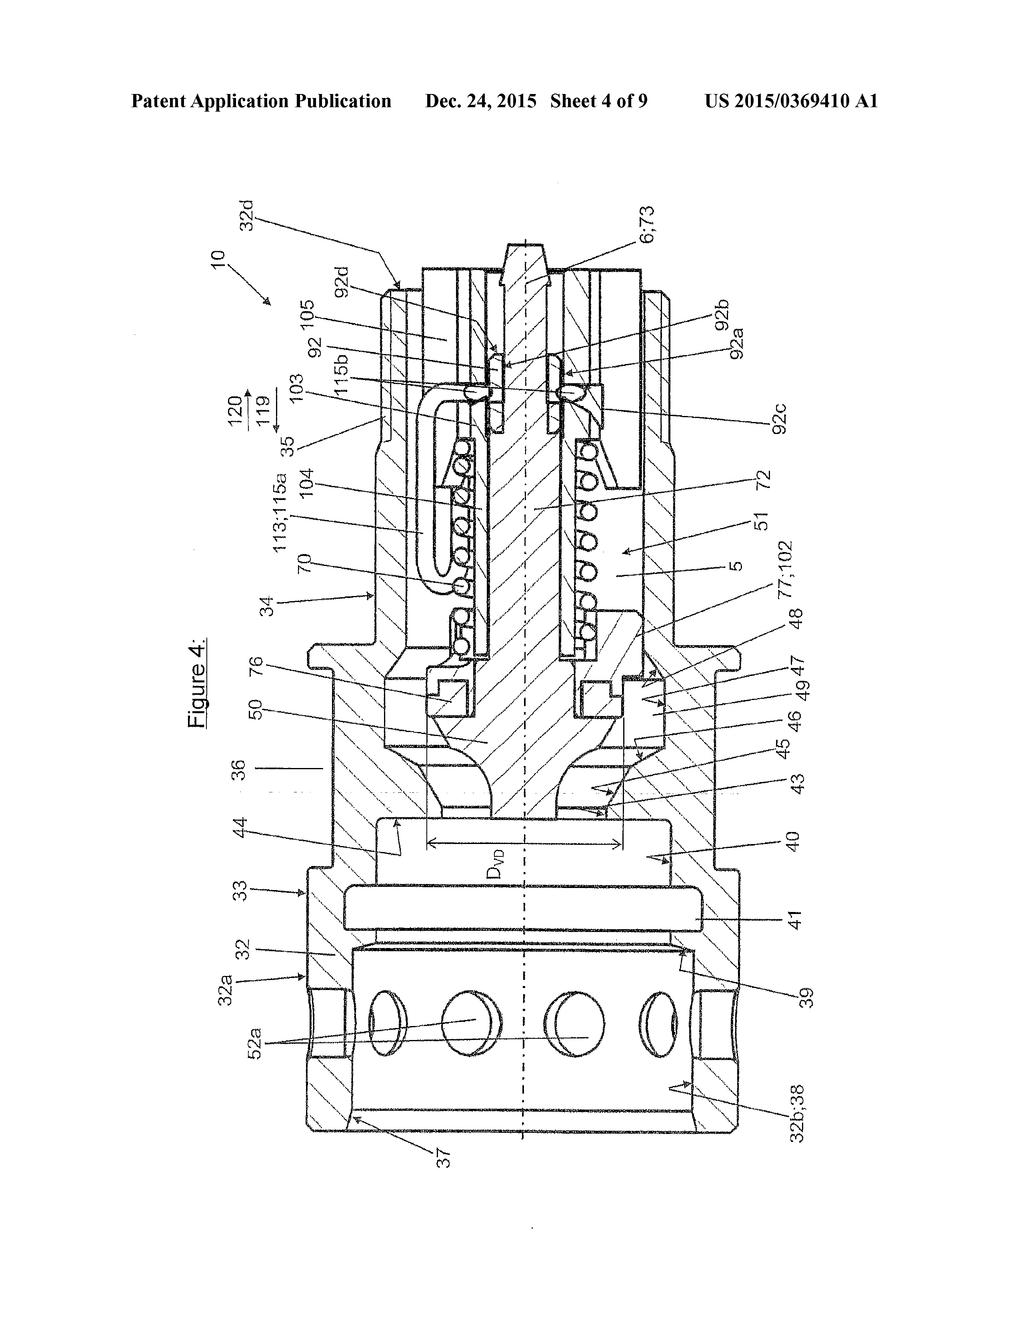 Ford Ranger Dpfe Sensor Wiring Diagram